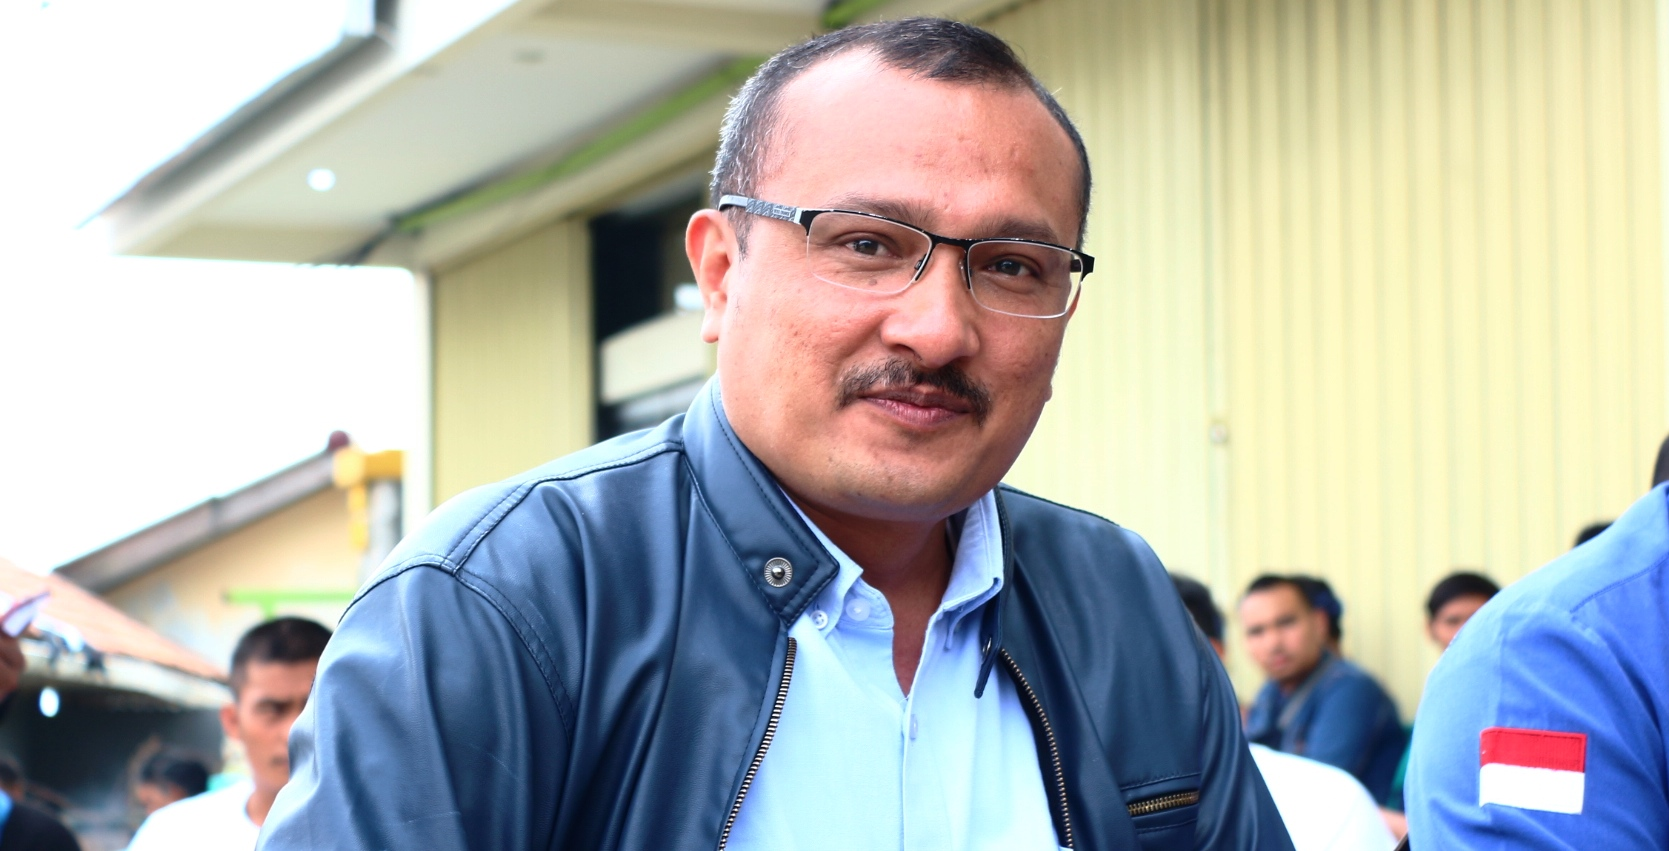 Kadiv Advokasi dan Bantuan Hukum DPP Partai Demokrat, Ferdinand Hutahaean. Foto Guruh PojokSatu.id